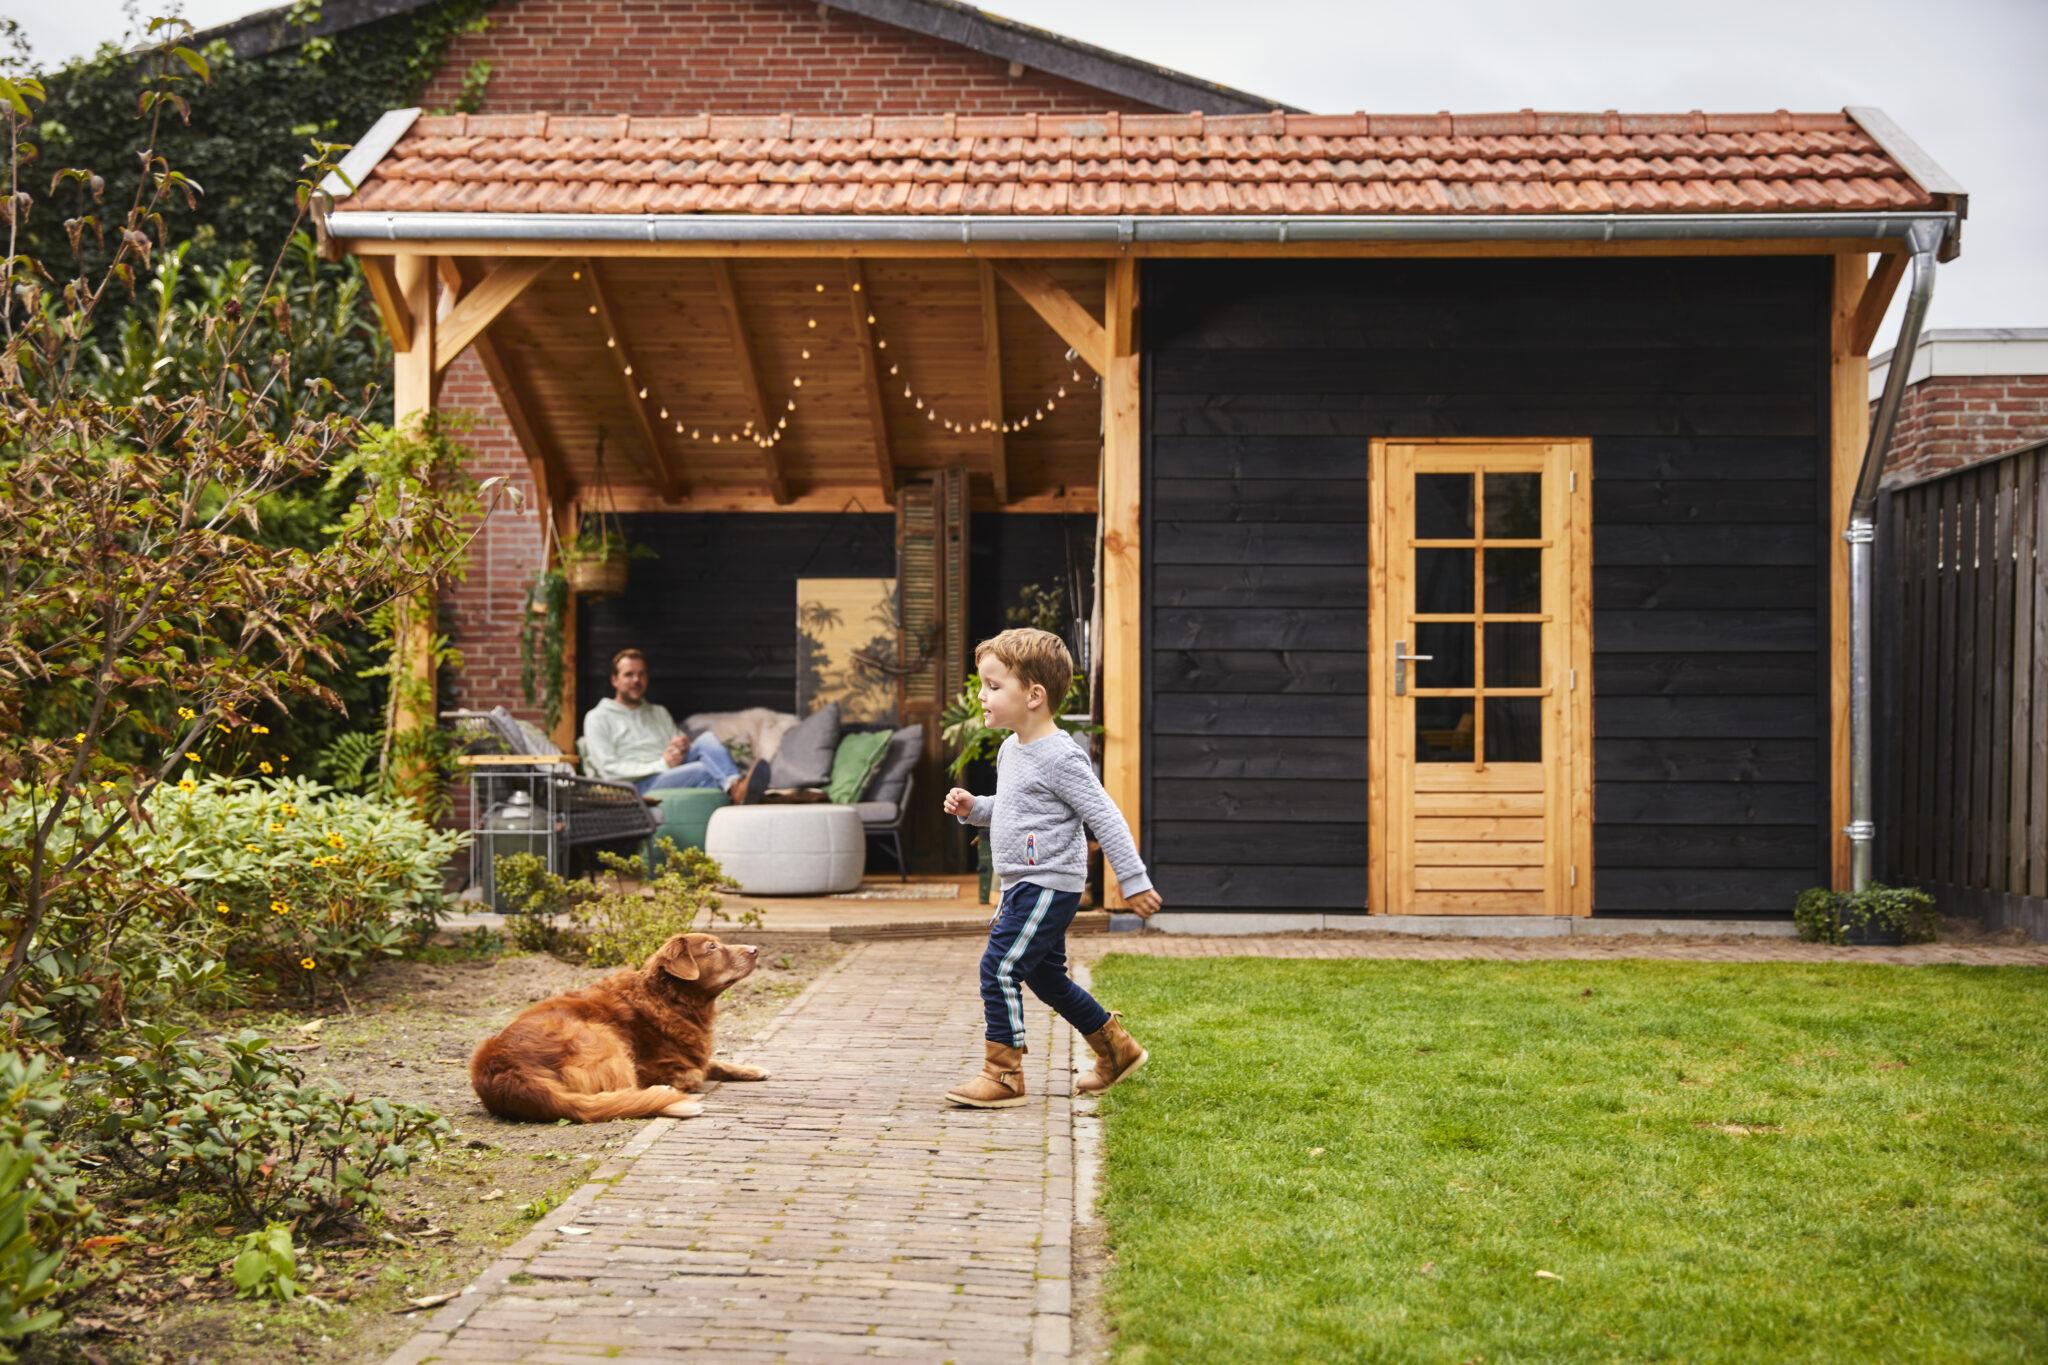 De kapschuur: woonkamer in de tuin